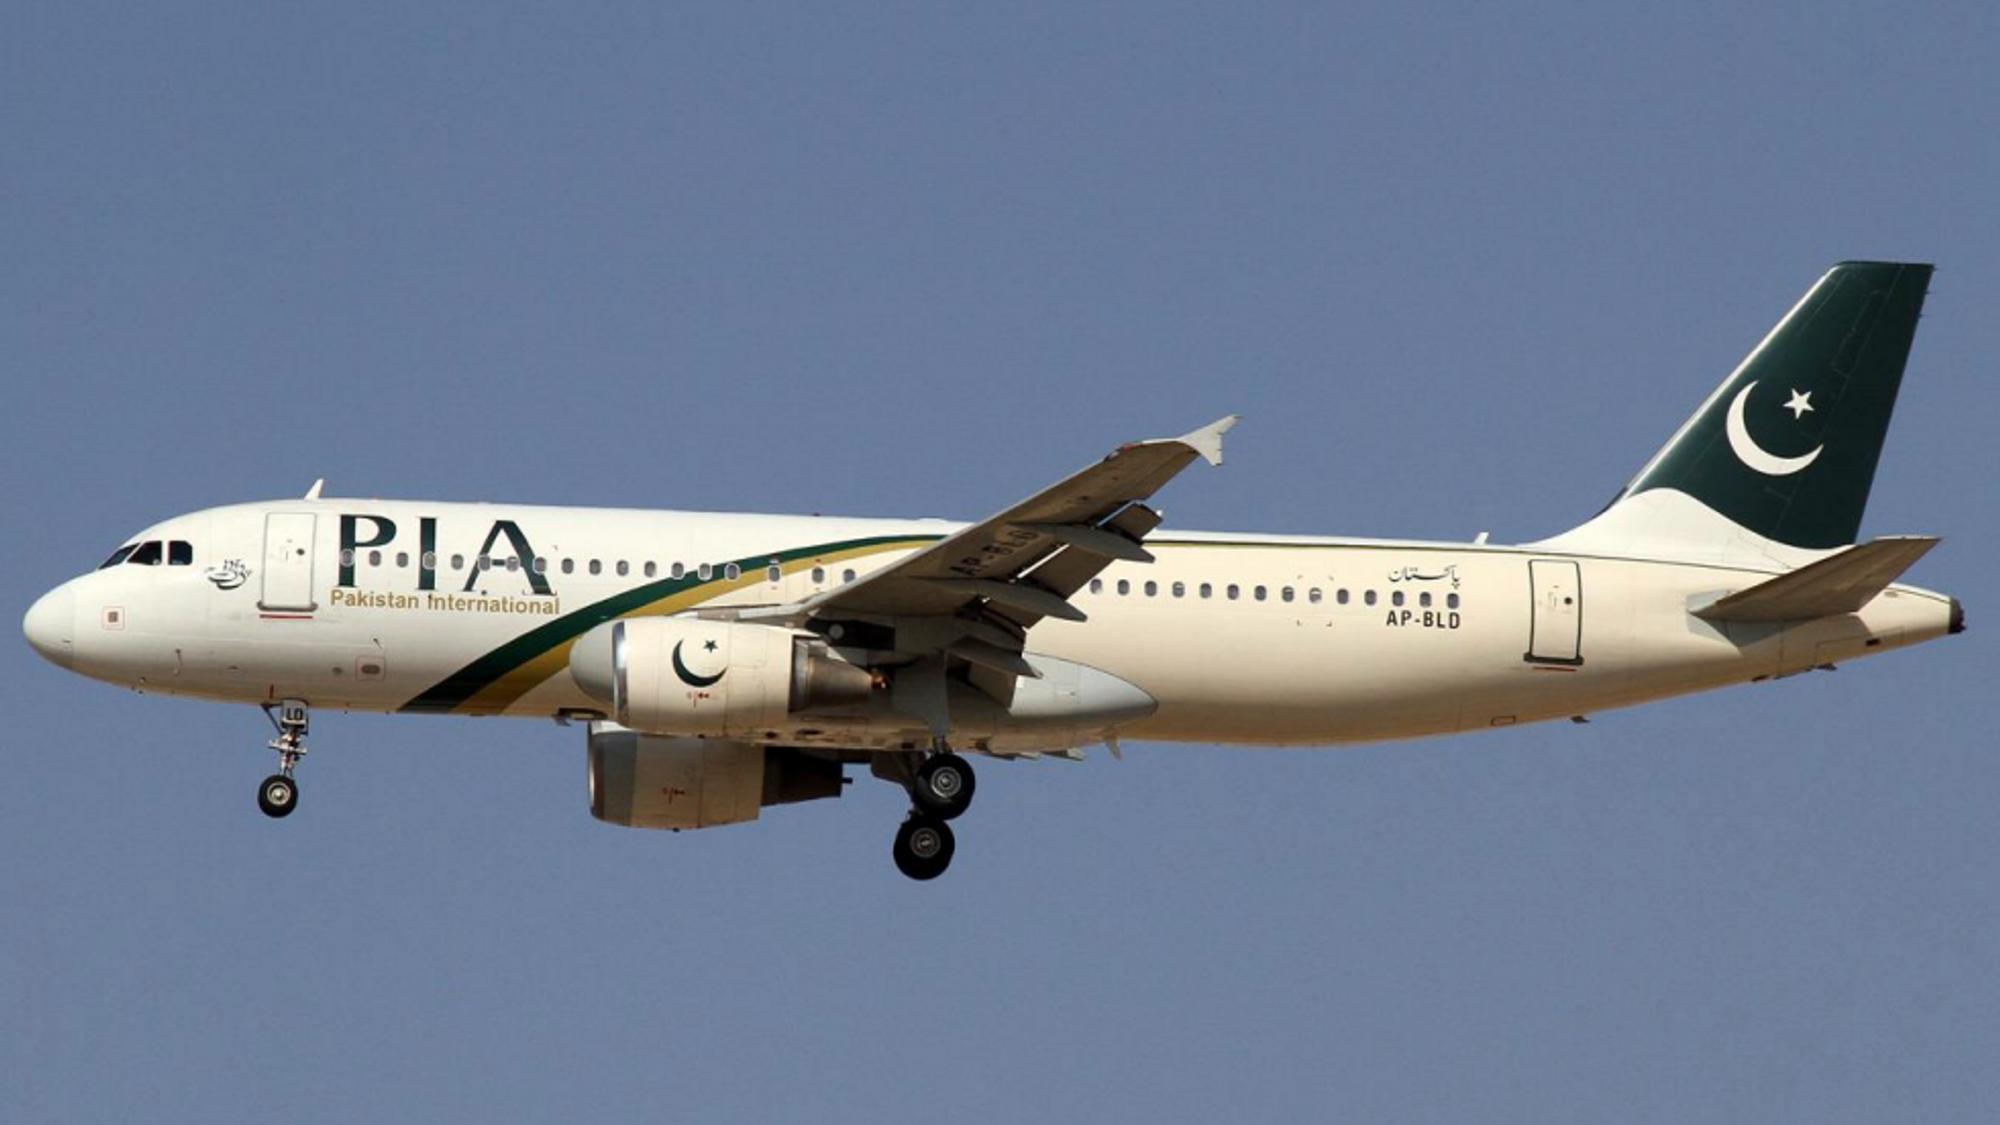 Det var dette flyet som styrtet like ved flyplassen i Karachi i Pakistan 22. mai.